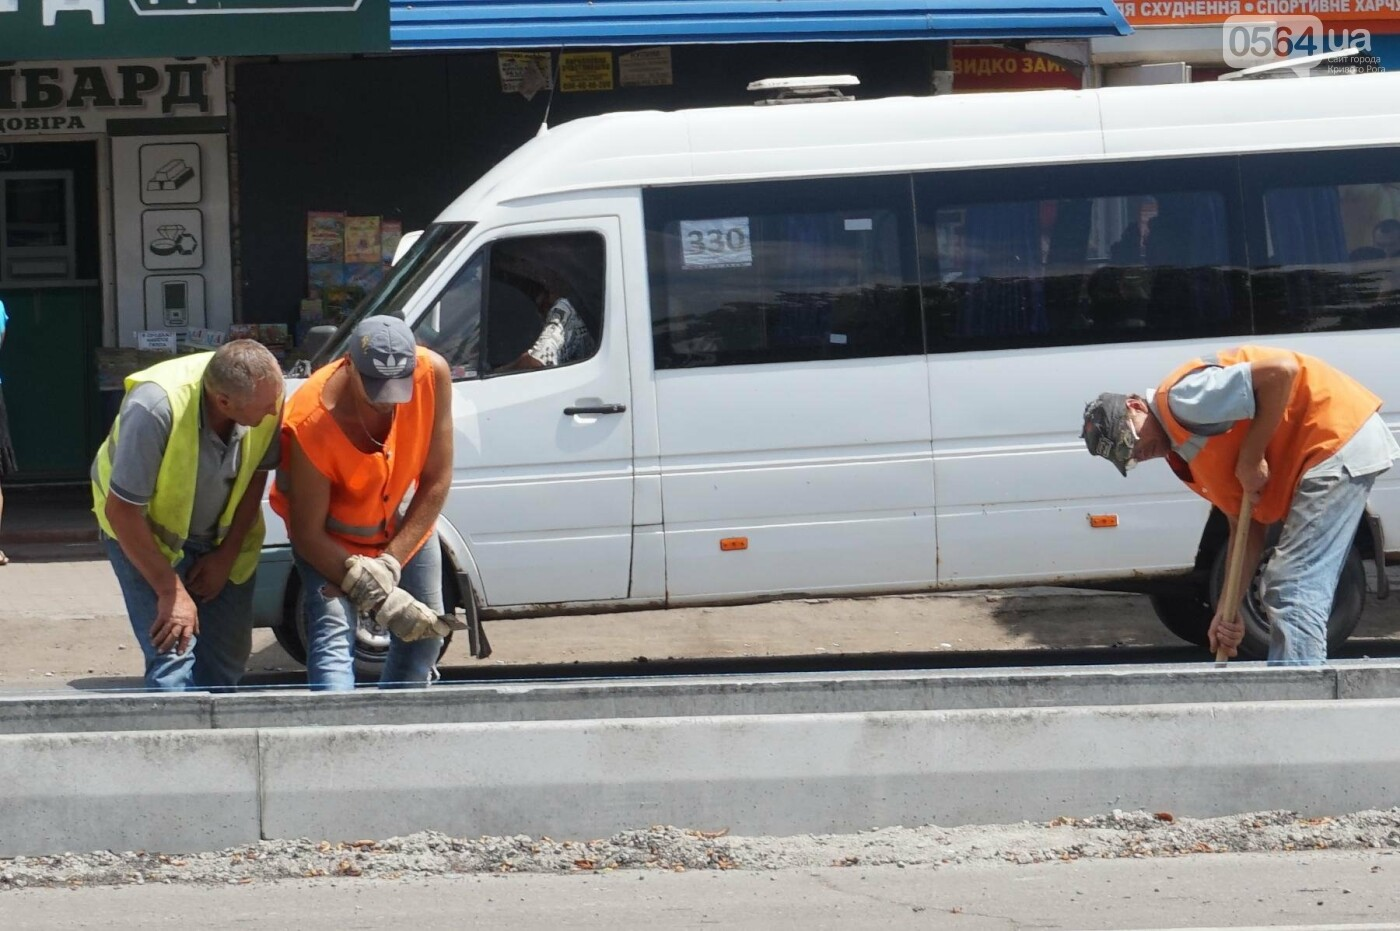 С сегодняшнего дня на центральном проспекте Кривого Рога отменены 3 остановки и запрещена парковка, - ФОТО, фото-10